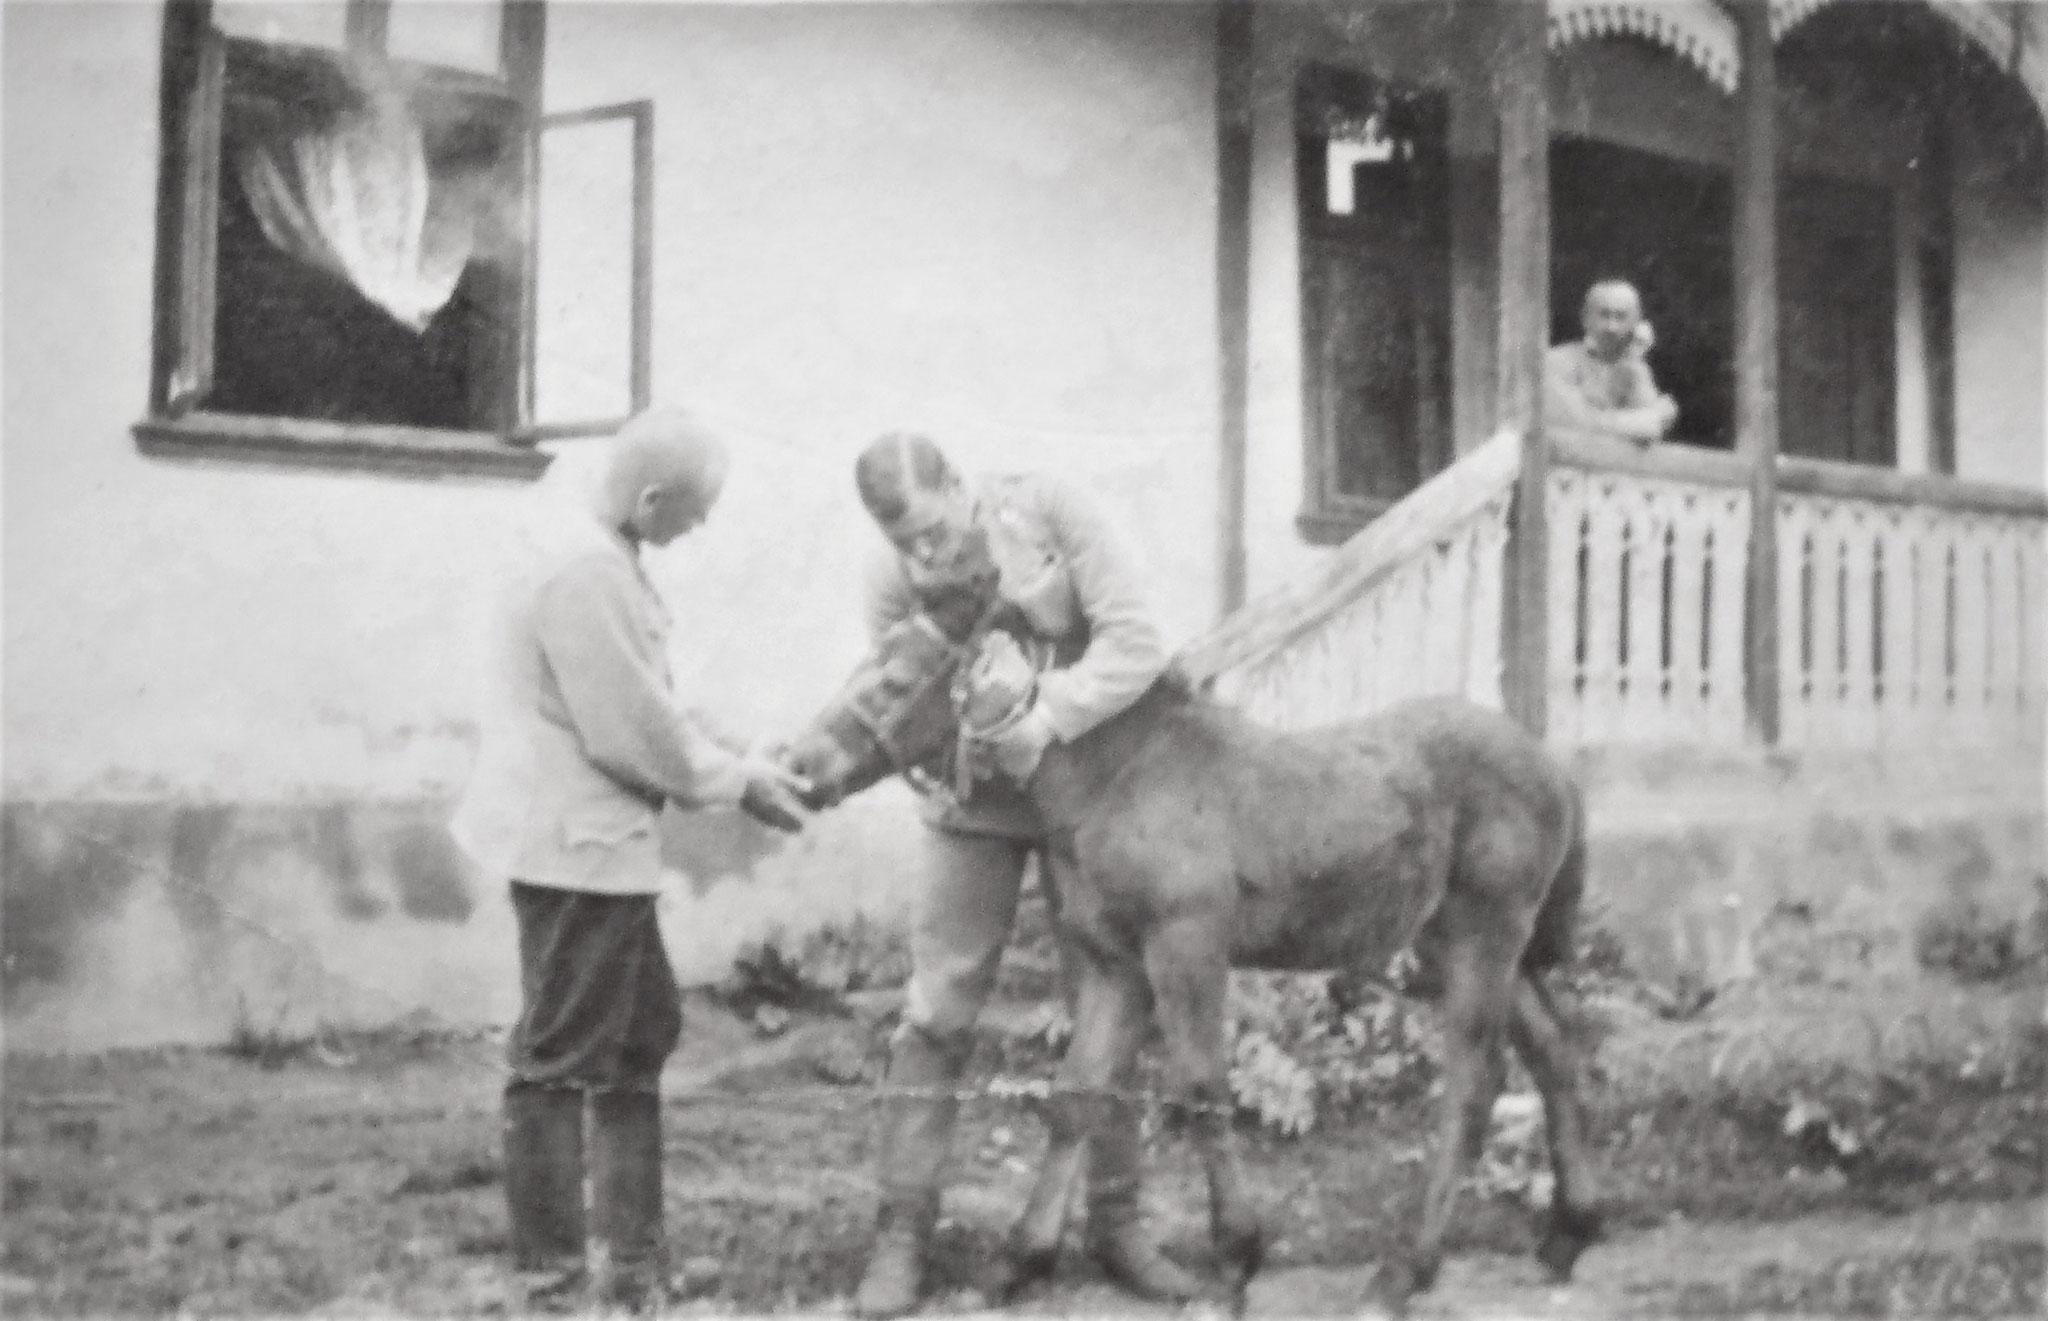 Unser Wohnhaus in Dwór Wolowa: vorne ich und Kirchbach mit sehr zutraulichen Fohlen, auf der Veranda Lang.